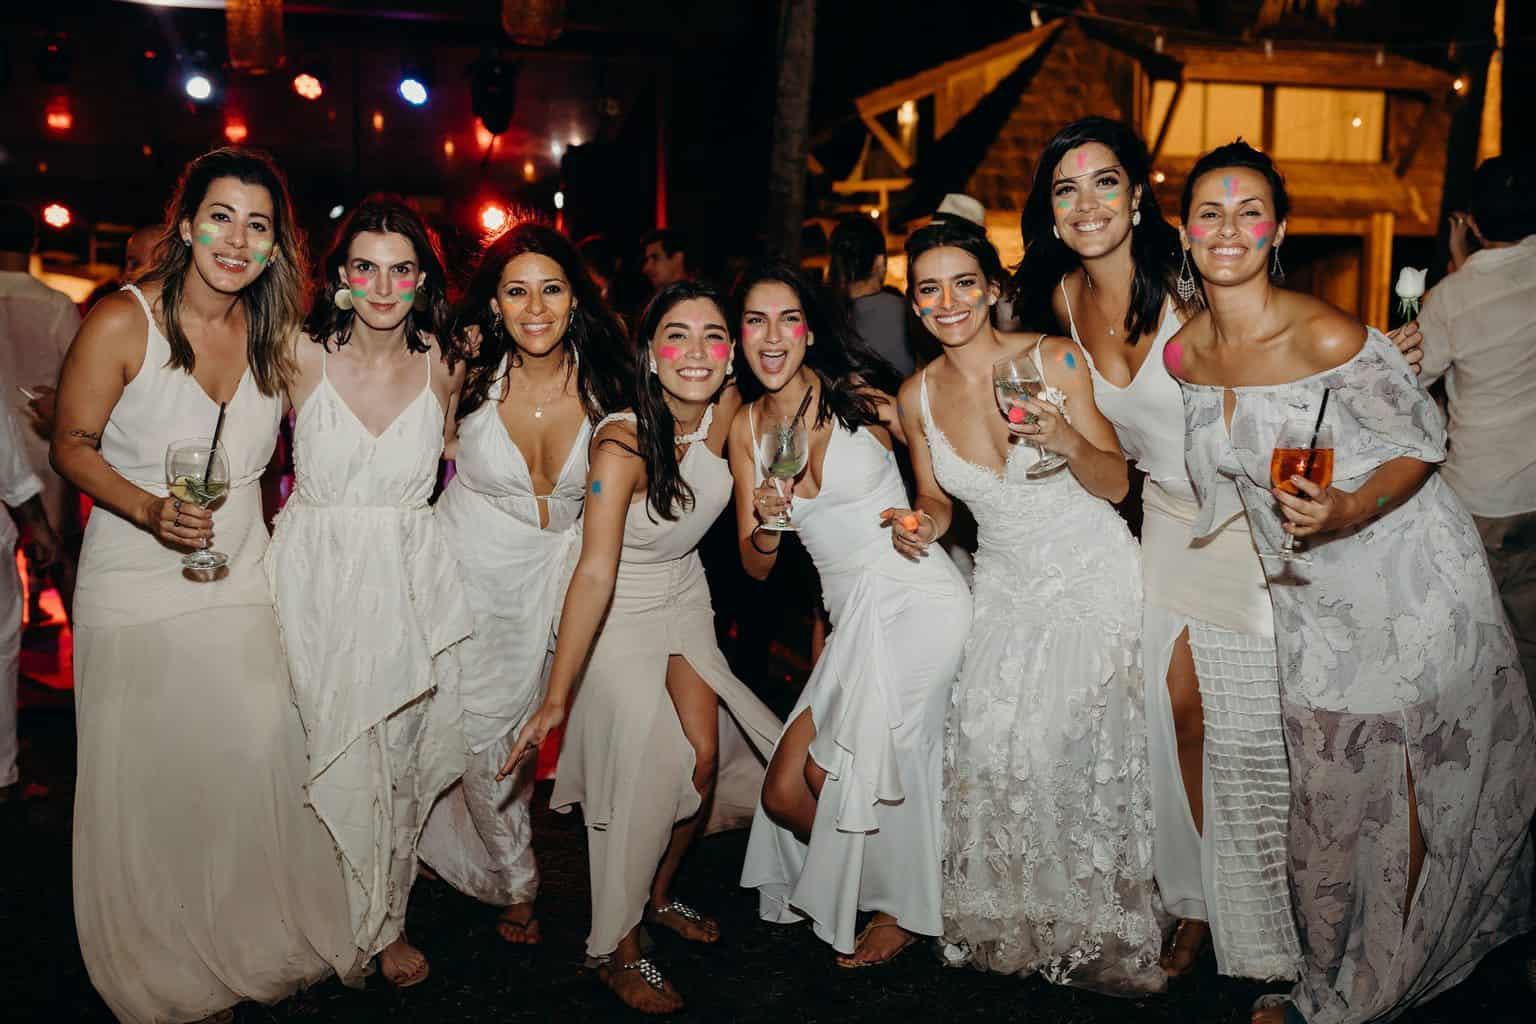 casamento-Danielle-e-Guilherme-aloha-fotografia-caseme-156